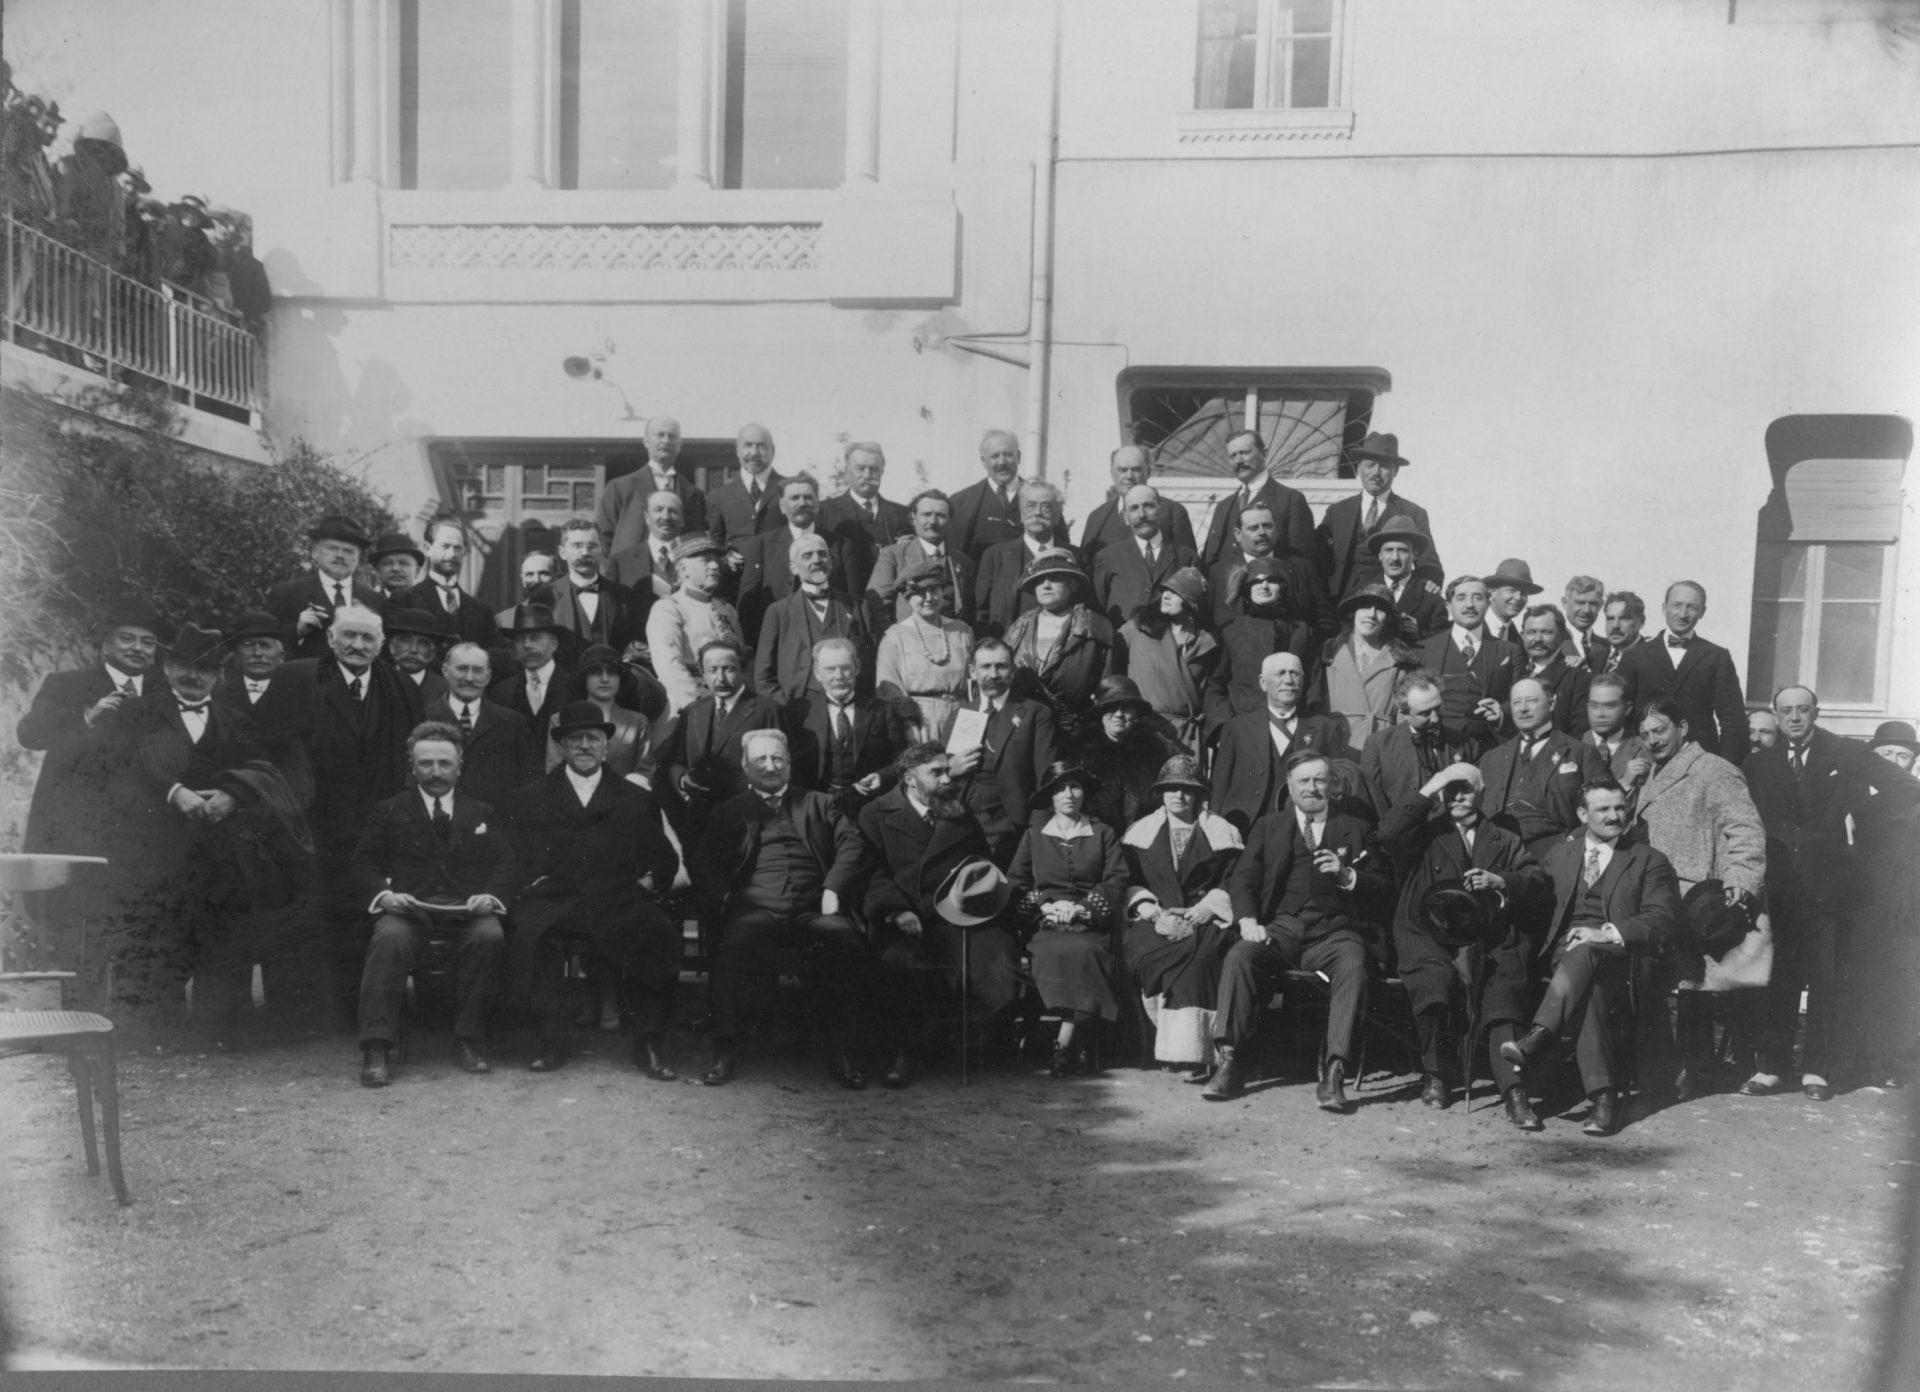 Alexandre Varenne (au premier rang, au centre) à son retour de Gouverneur Général d'Indochine. A sa droite, deux femmes: celle de droite semble être Marguerite Varenne.